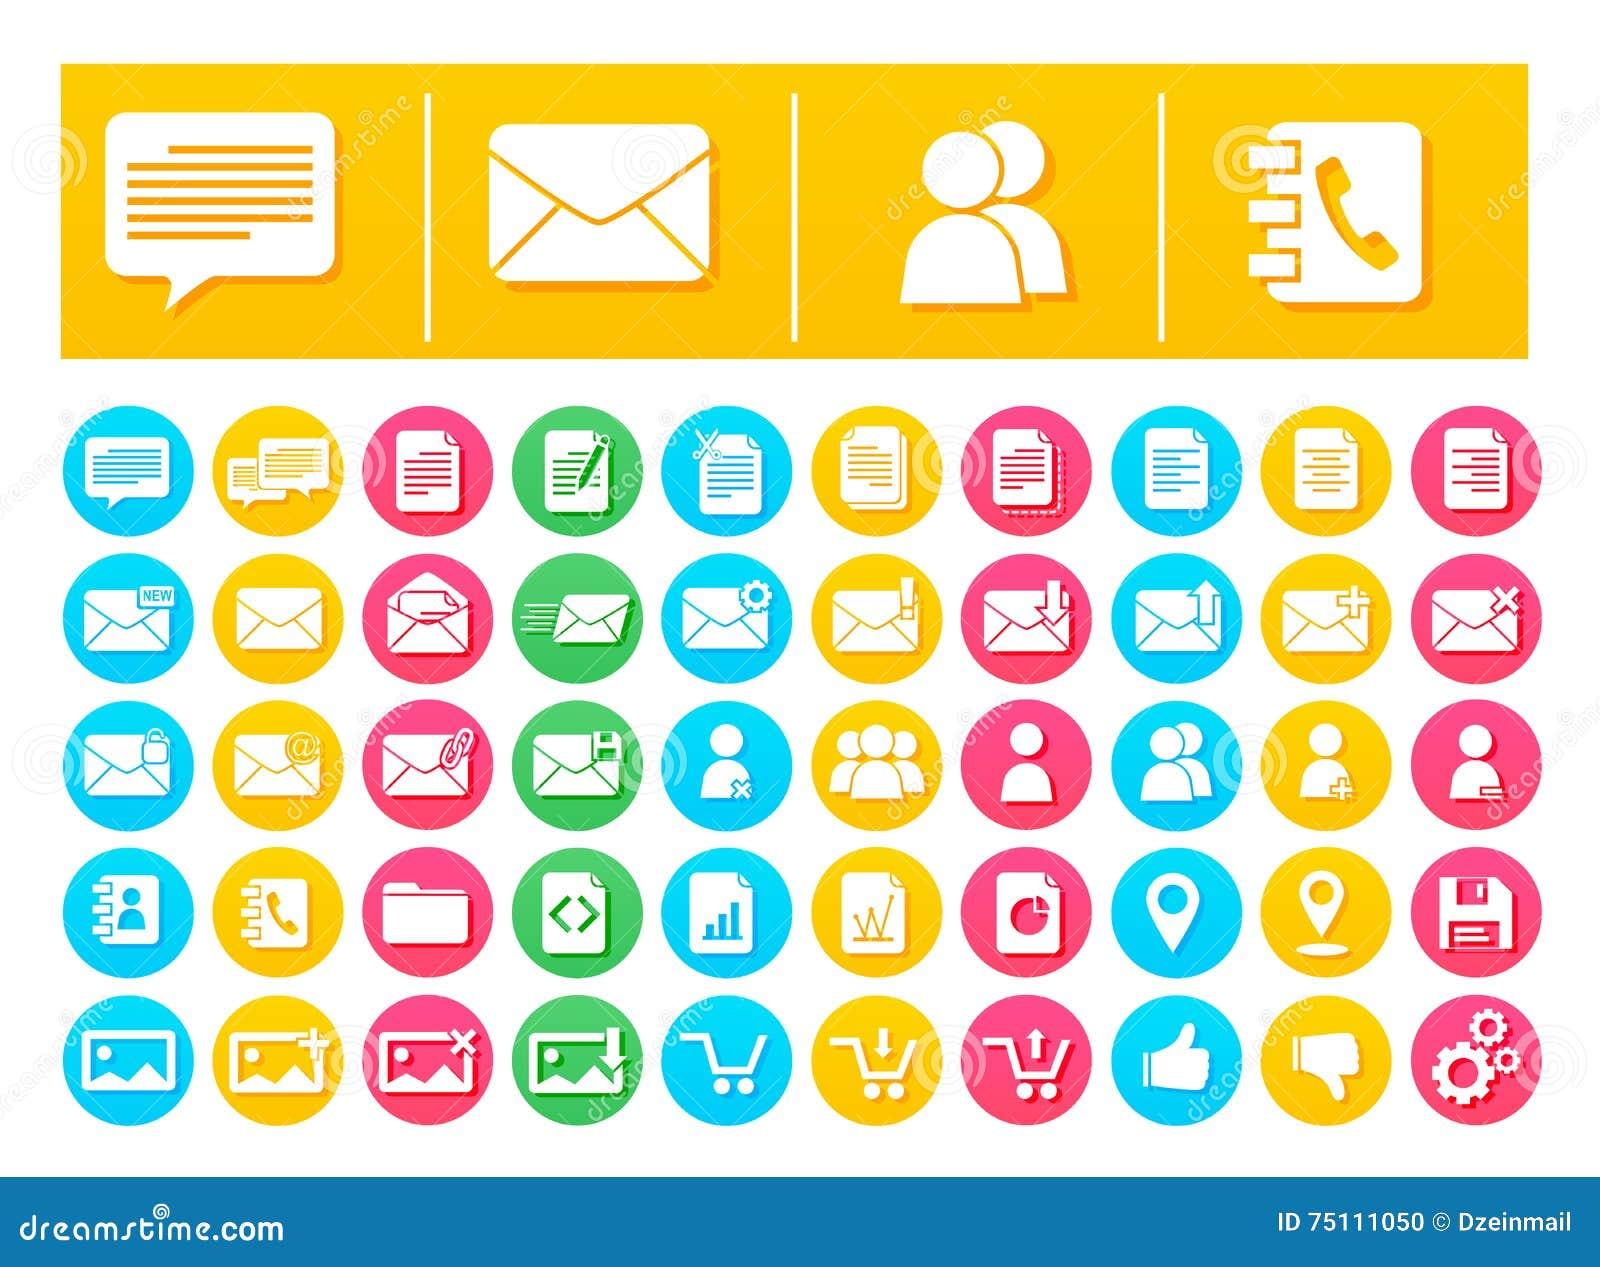 Vektor-Ikonen-Satz-Mitteilung und Kommunikation flach in den bunten Kreisen